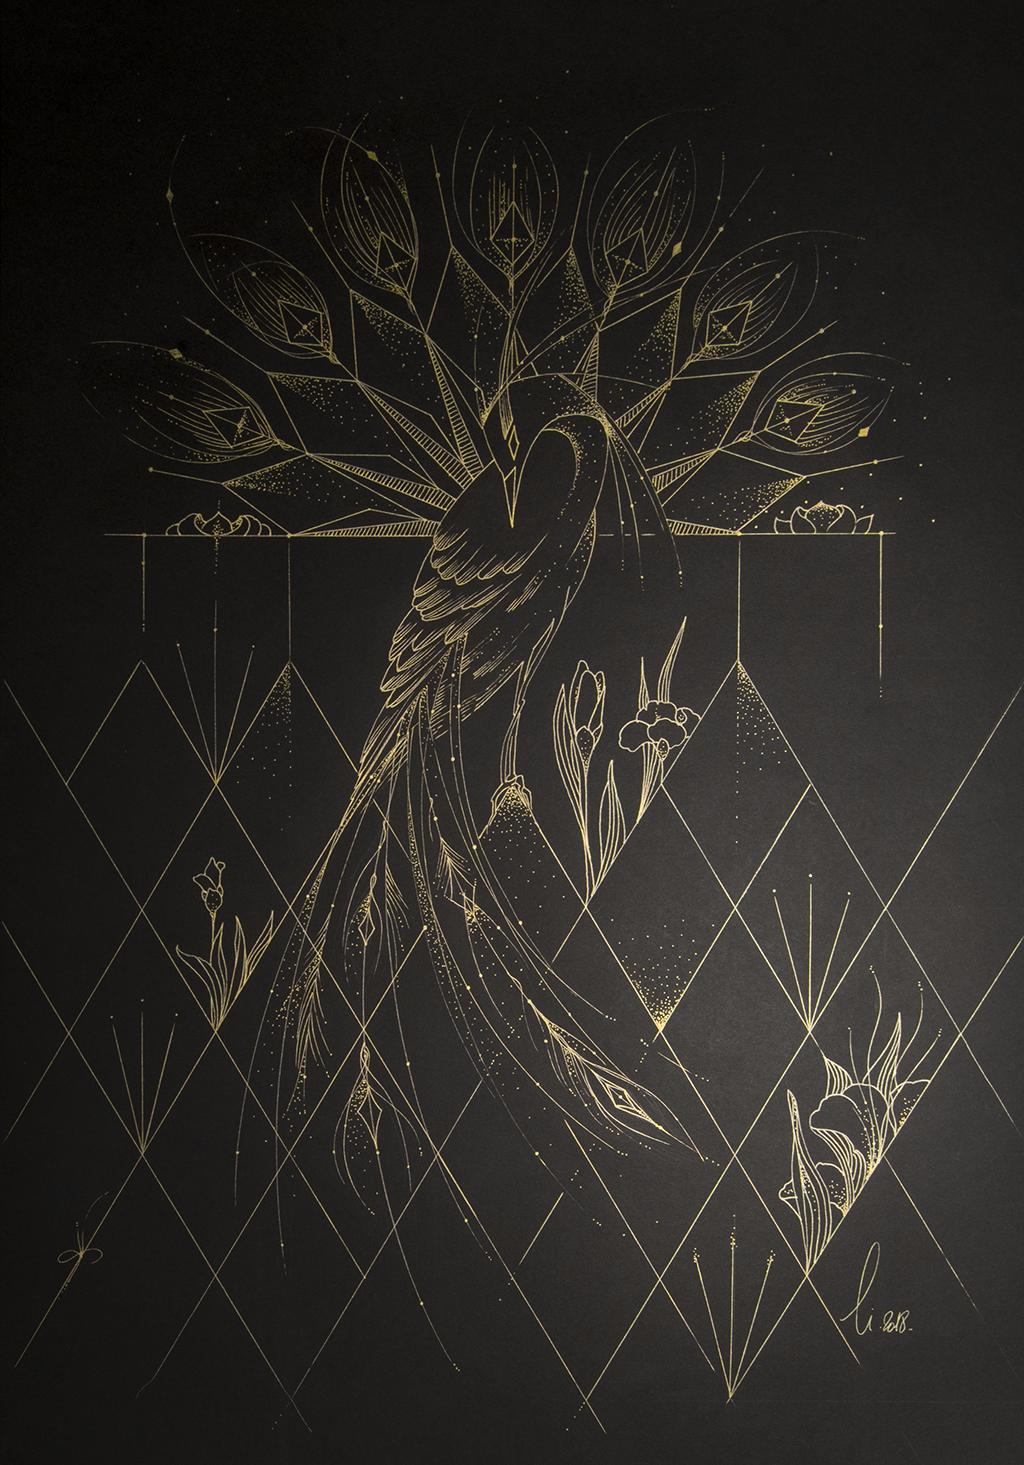 Jeux graphiques – Plumes, Fleurs & Géométrie, oiseau et végétaux dessinés en or avec des lignes brisées ou fuyantes